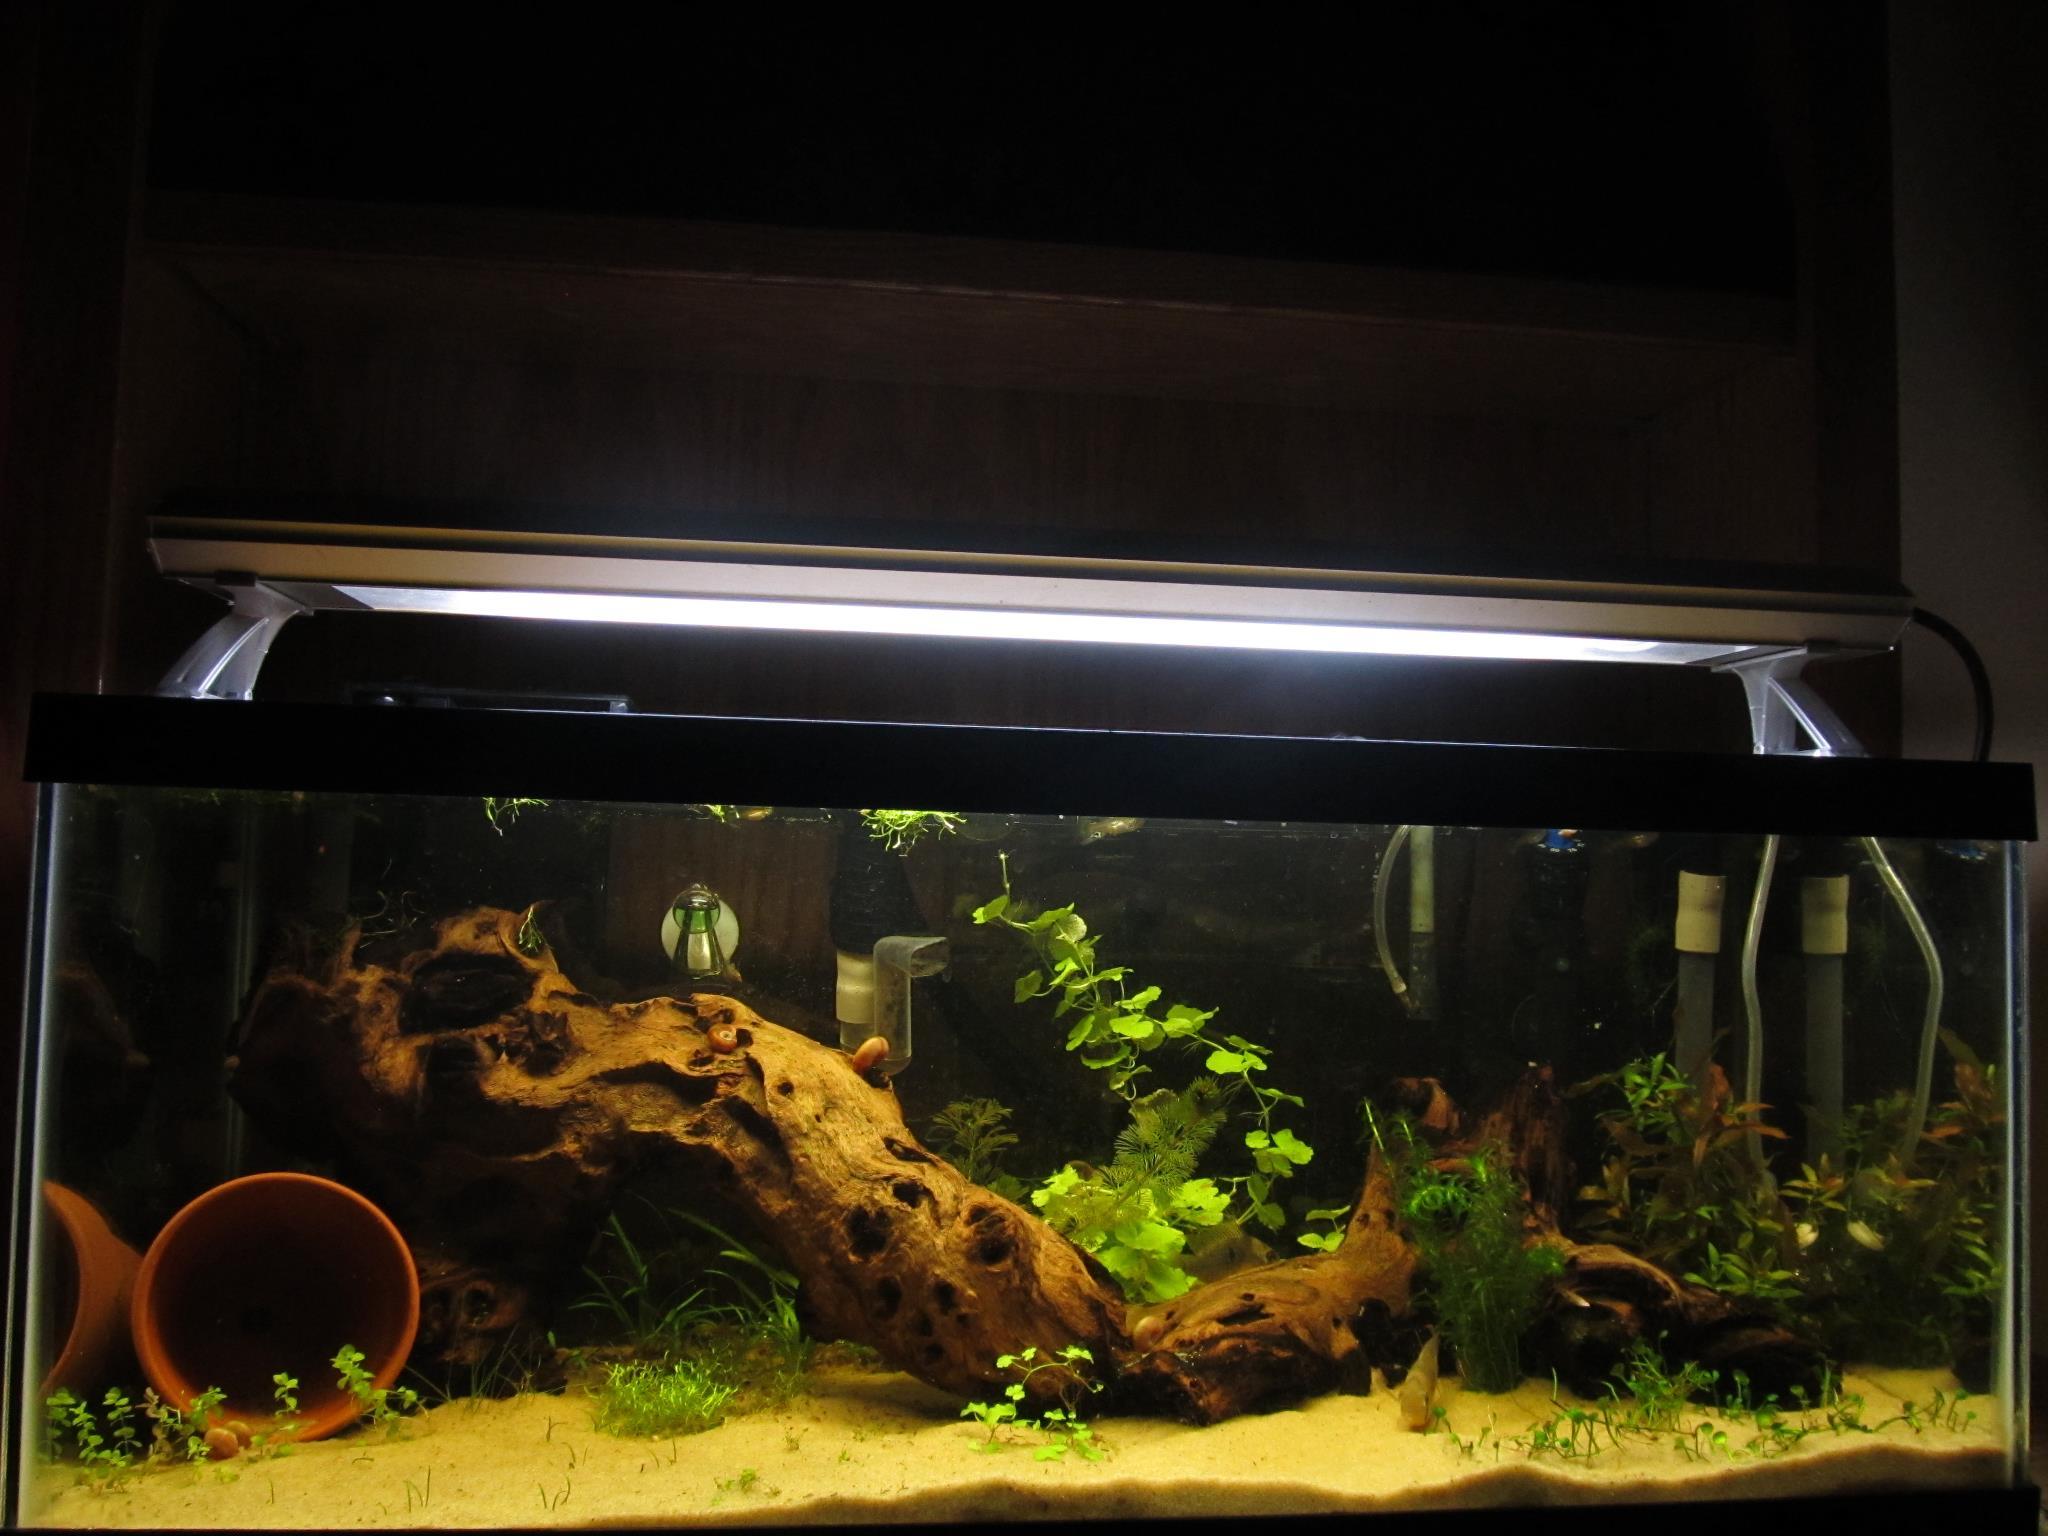 portable air tank decor decoration oxygen fish fashion behokic aquarium for shape coral bubbling products ornament pump